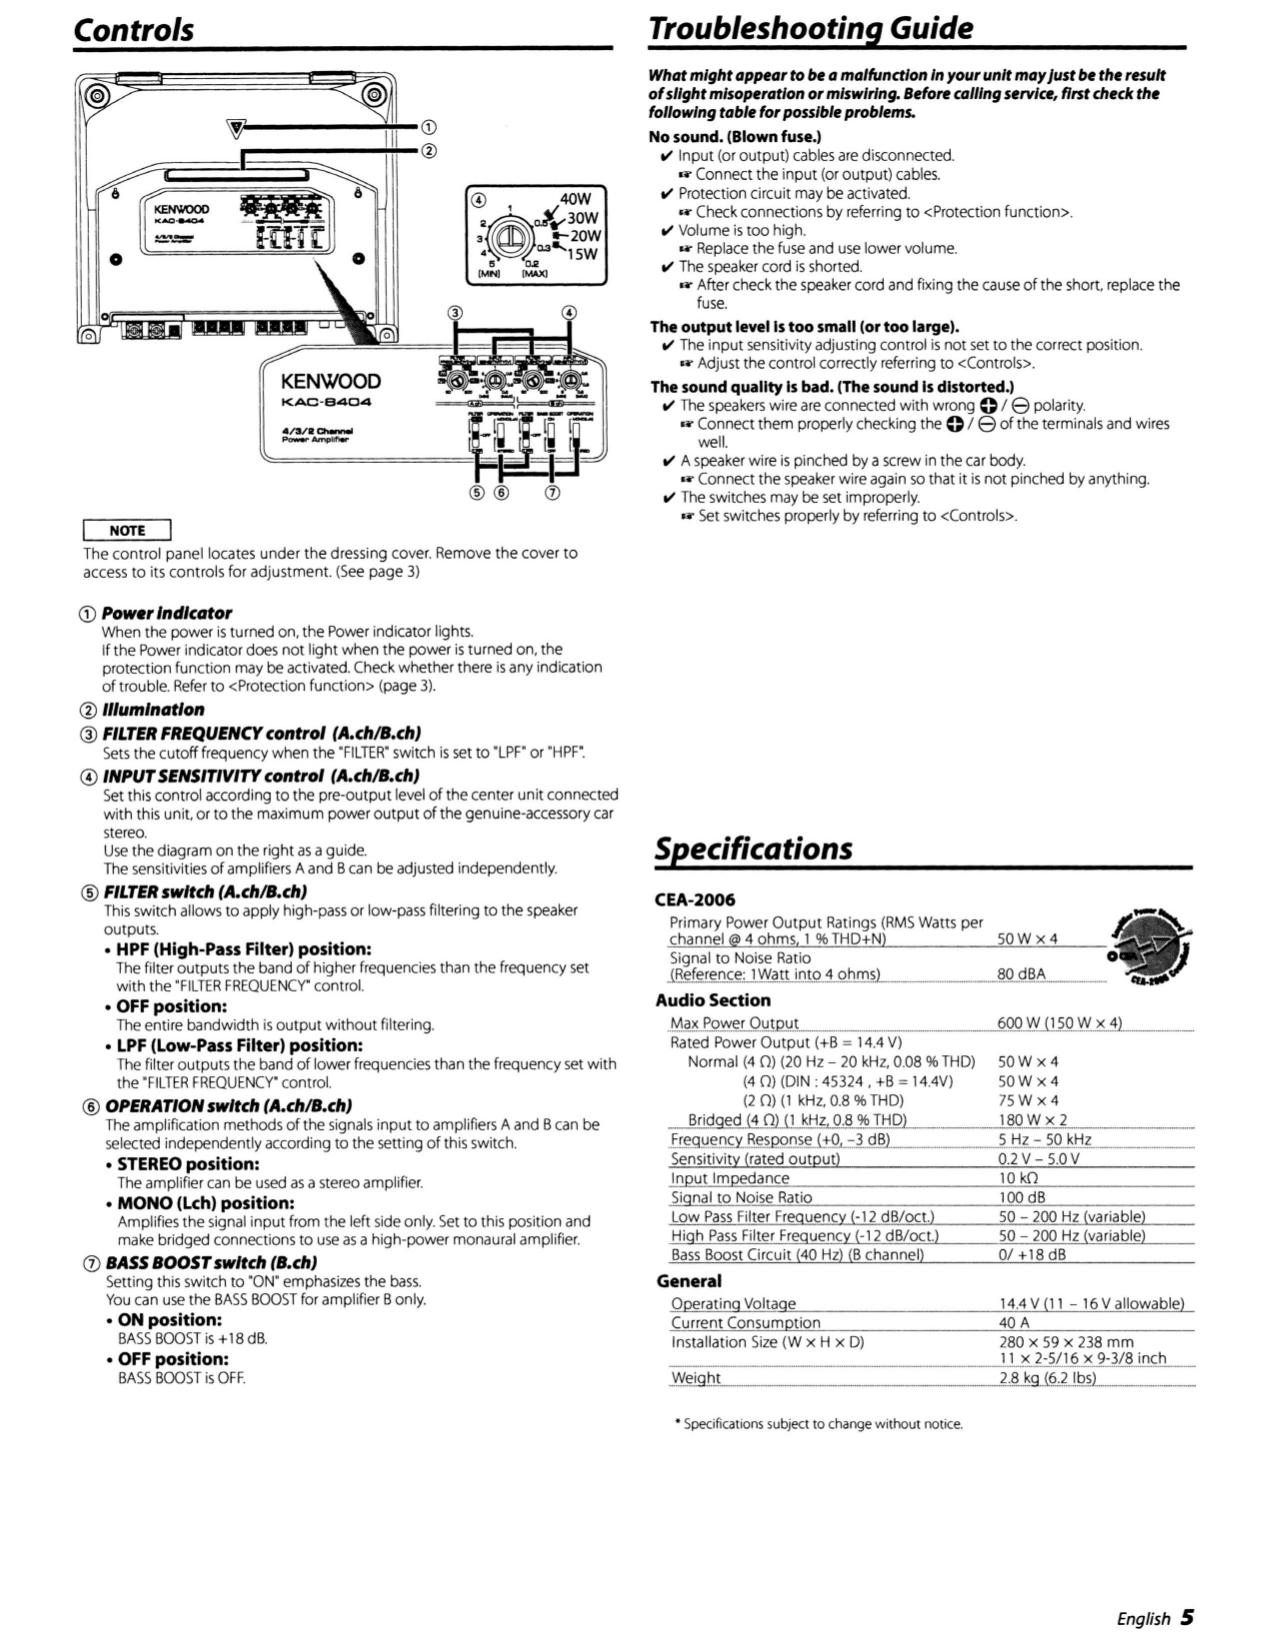 pdf manual for kenwood car amplifier kac 8404 rh umlib com Kenwood KAC- 7005PS Kenwood Kac- 8452